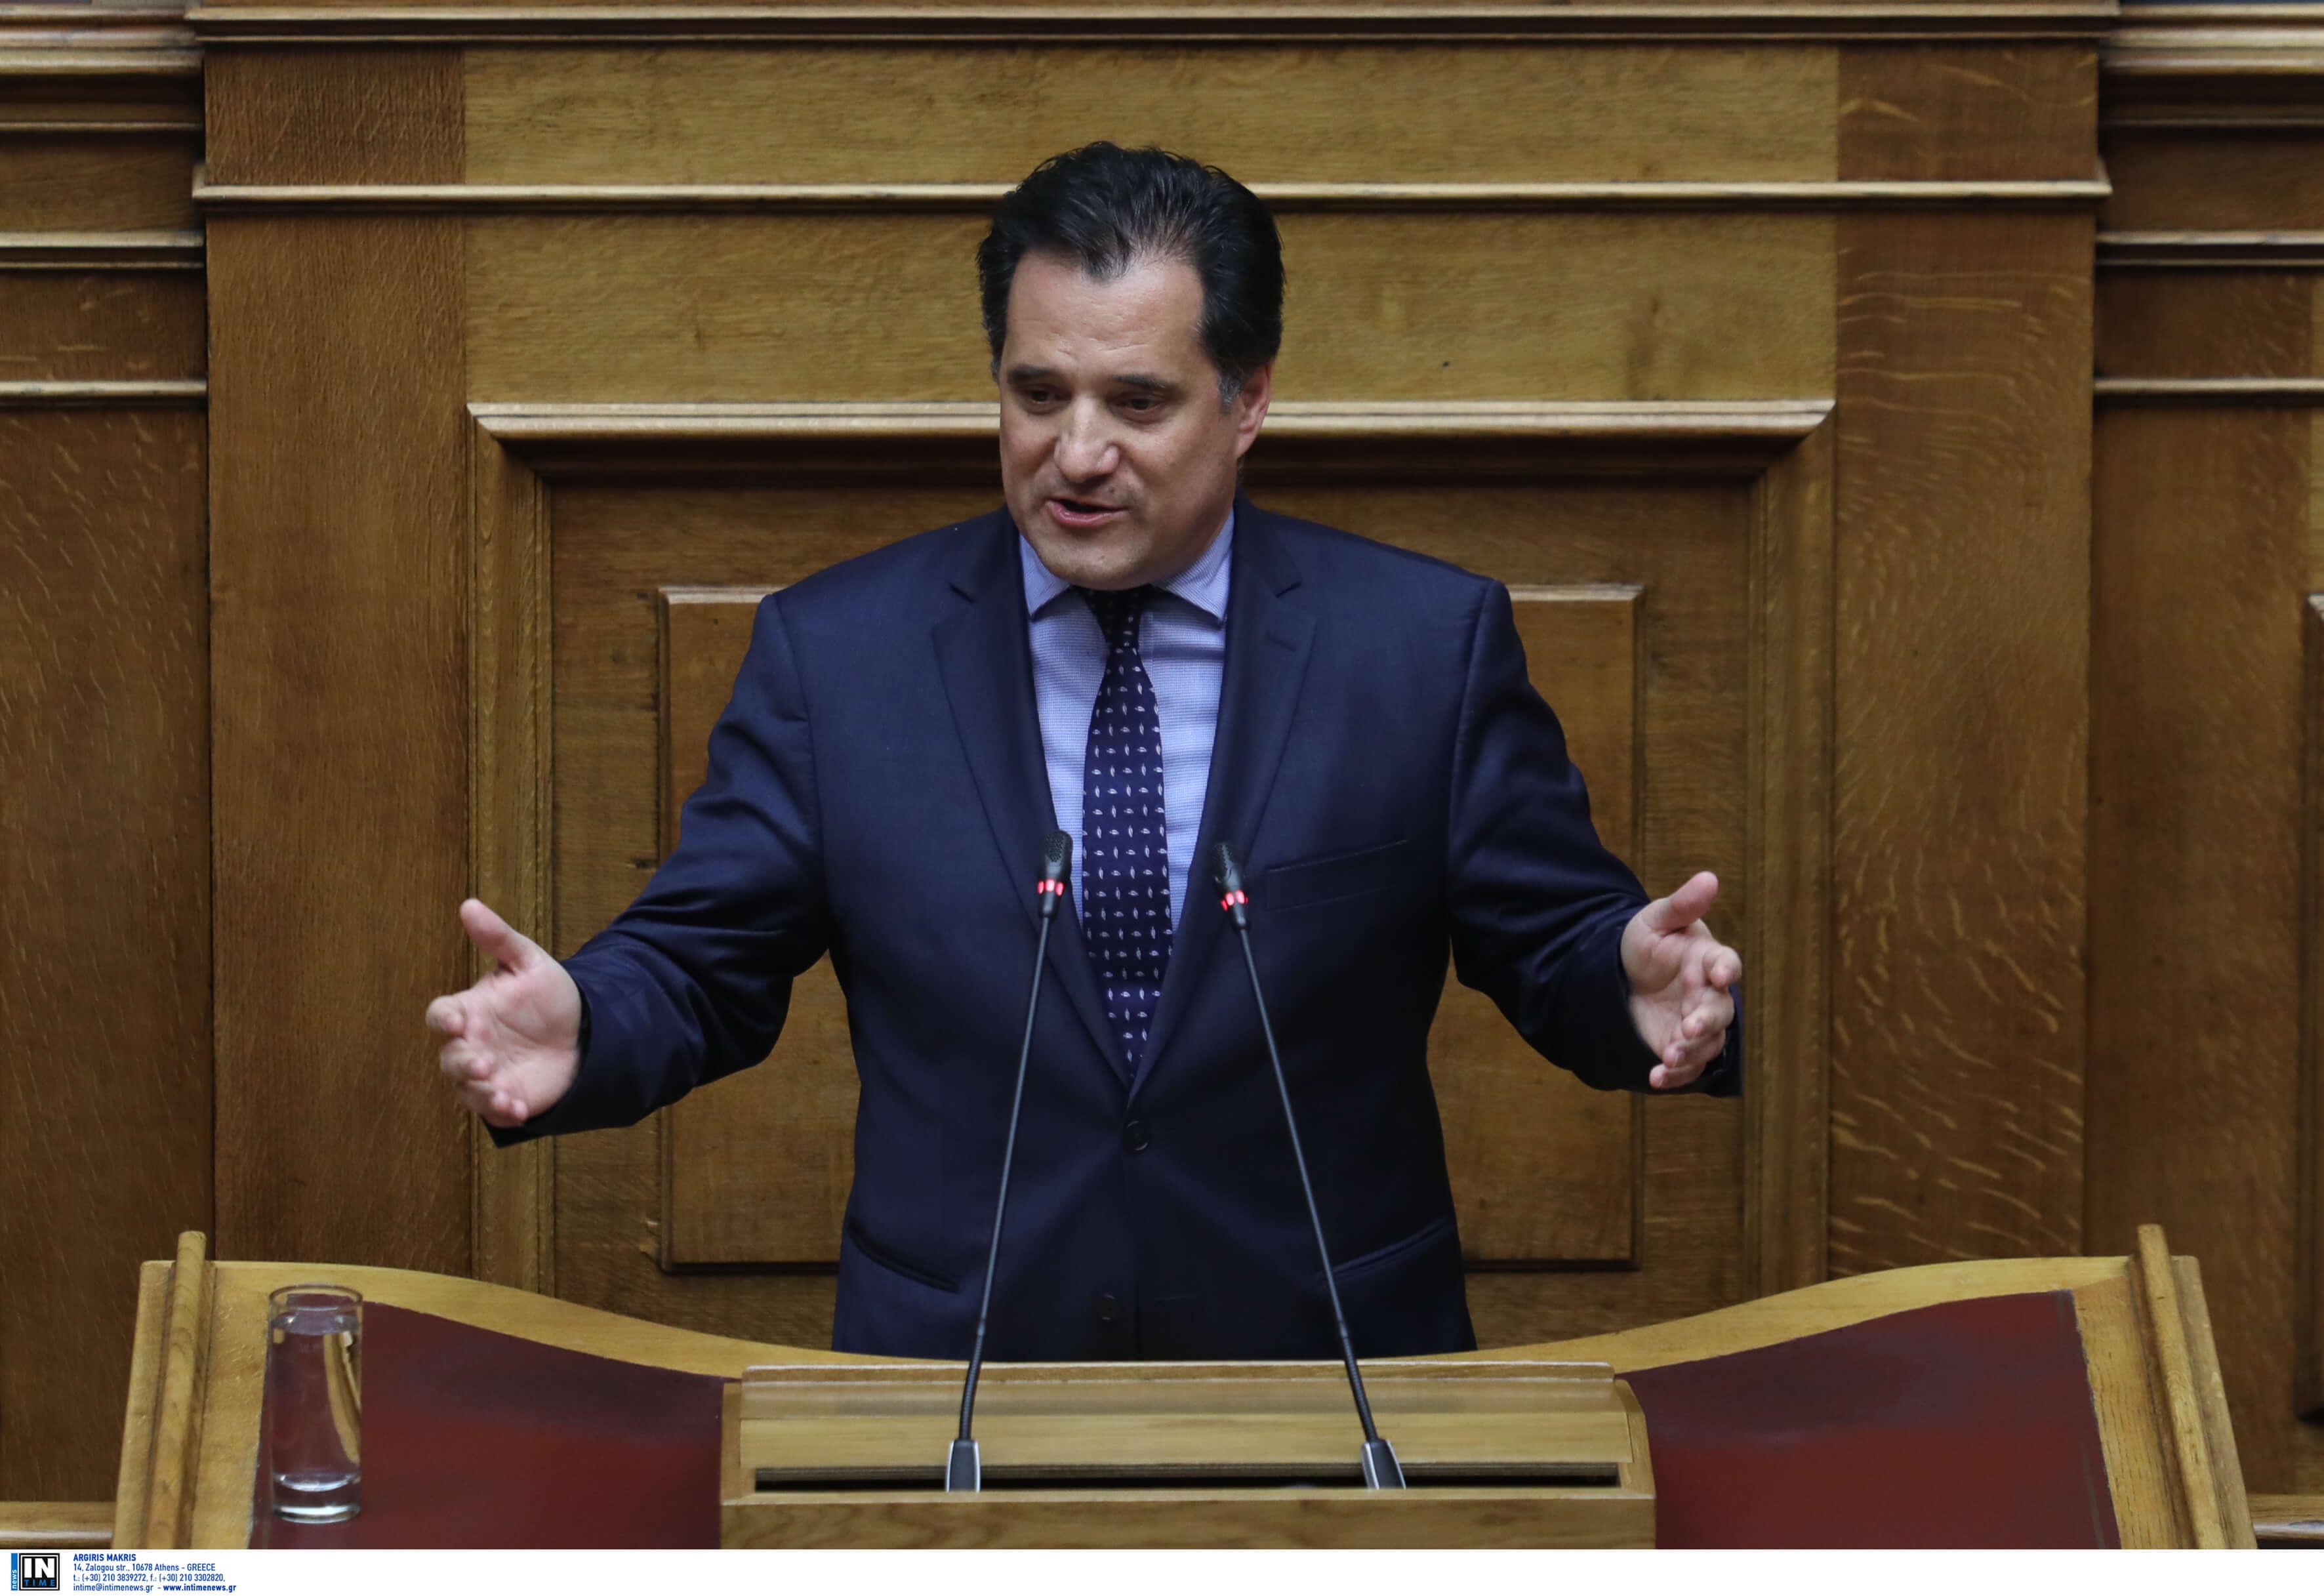 Γεωργιάδης: Άμεσα εκλογές αν υπάρξει μεγάλη νίκη της ΝΔ στις ευρωεκλογές